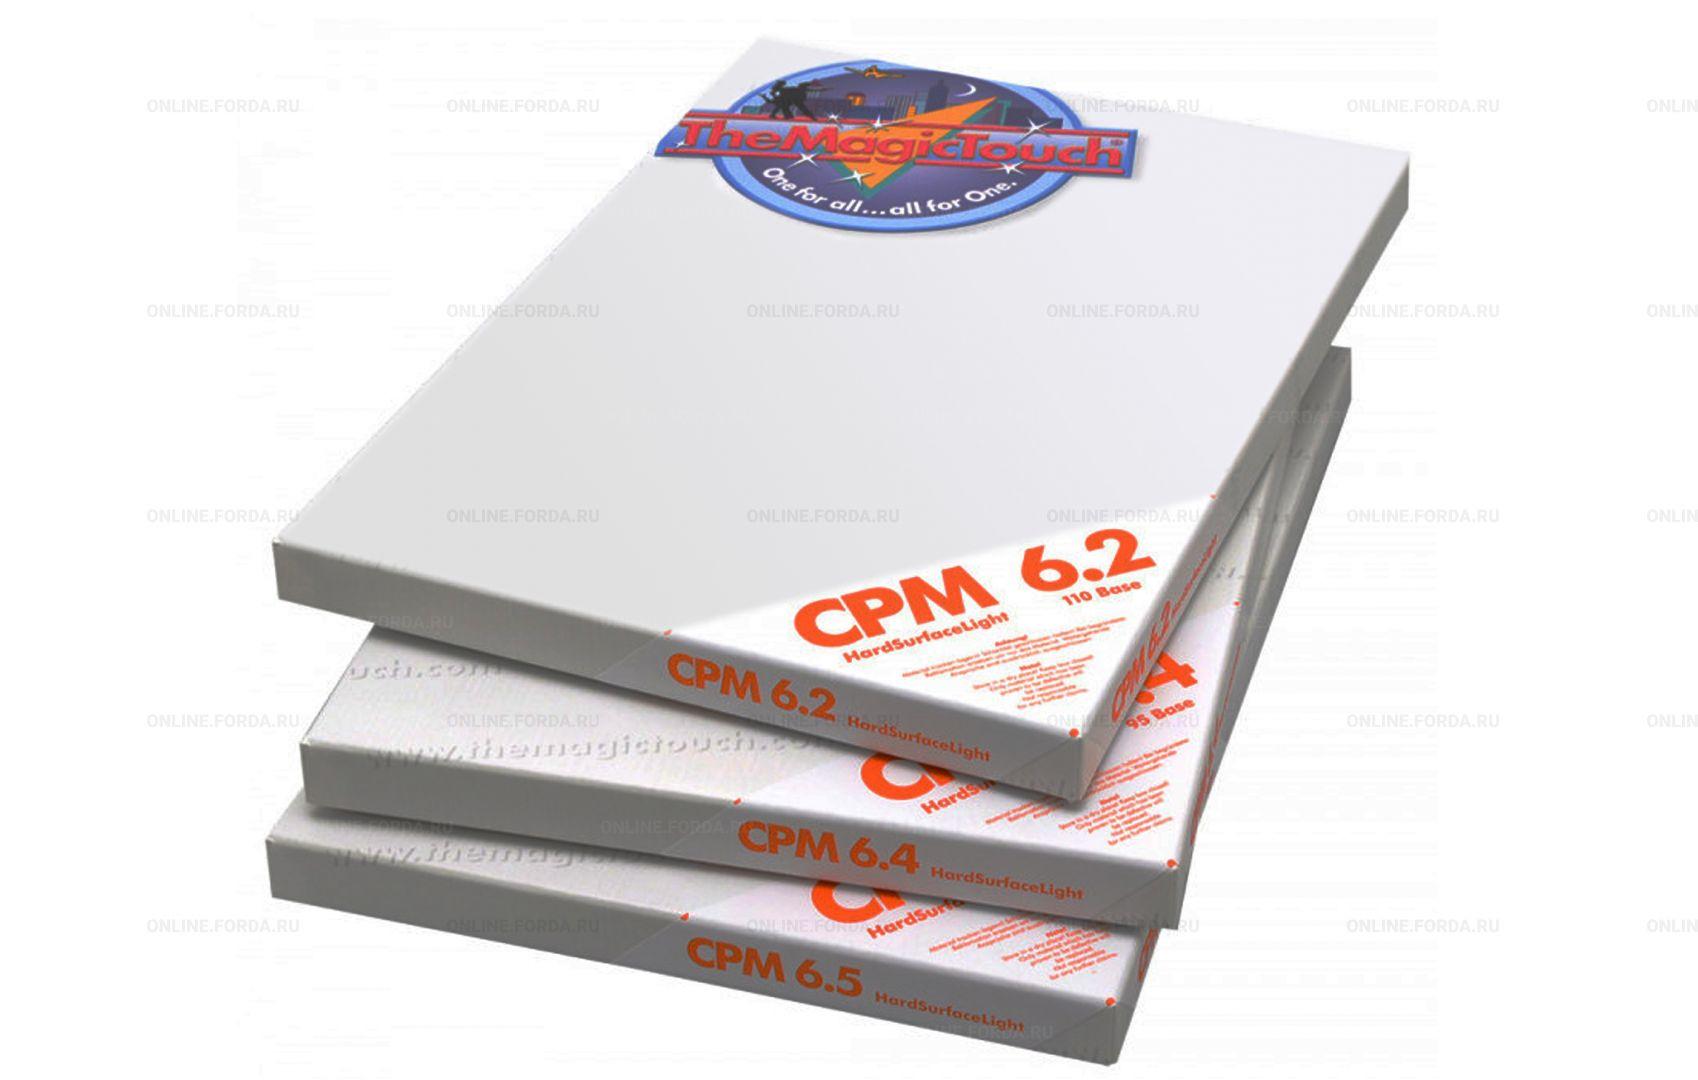 Термотрансферная бумага The Magic Touch CPM 6.2 A3 для переноса на твердые поверхности